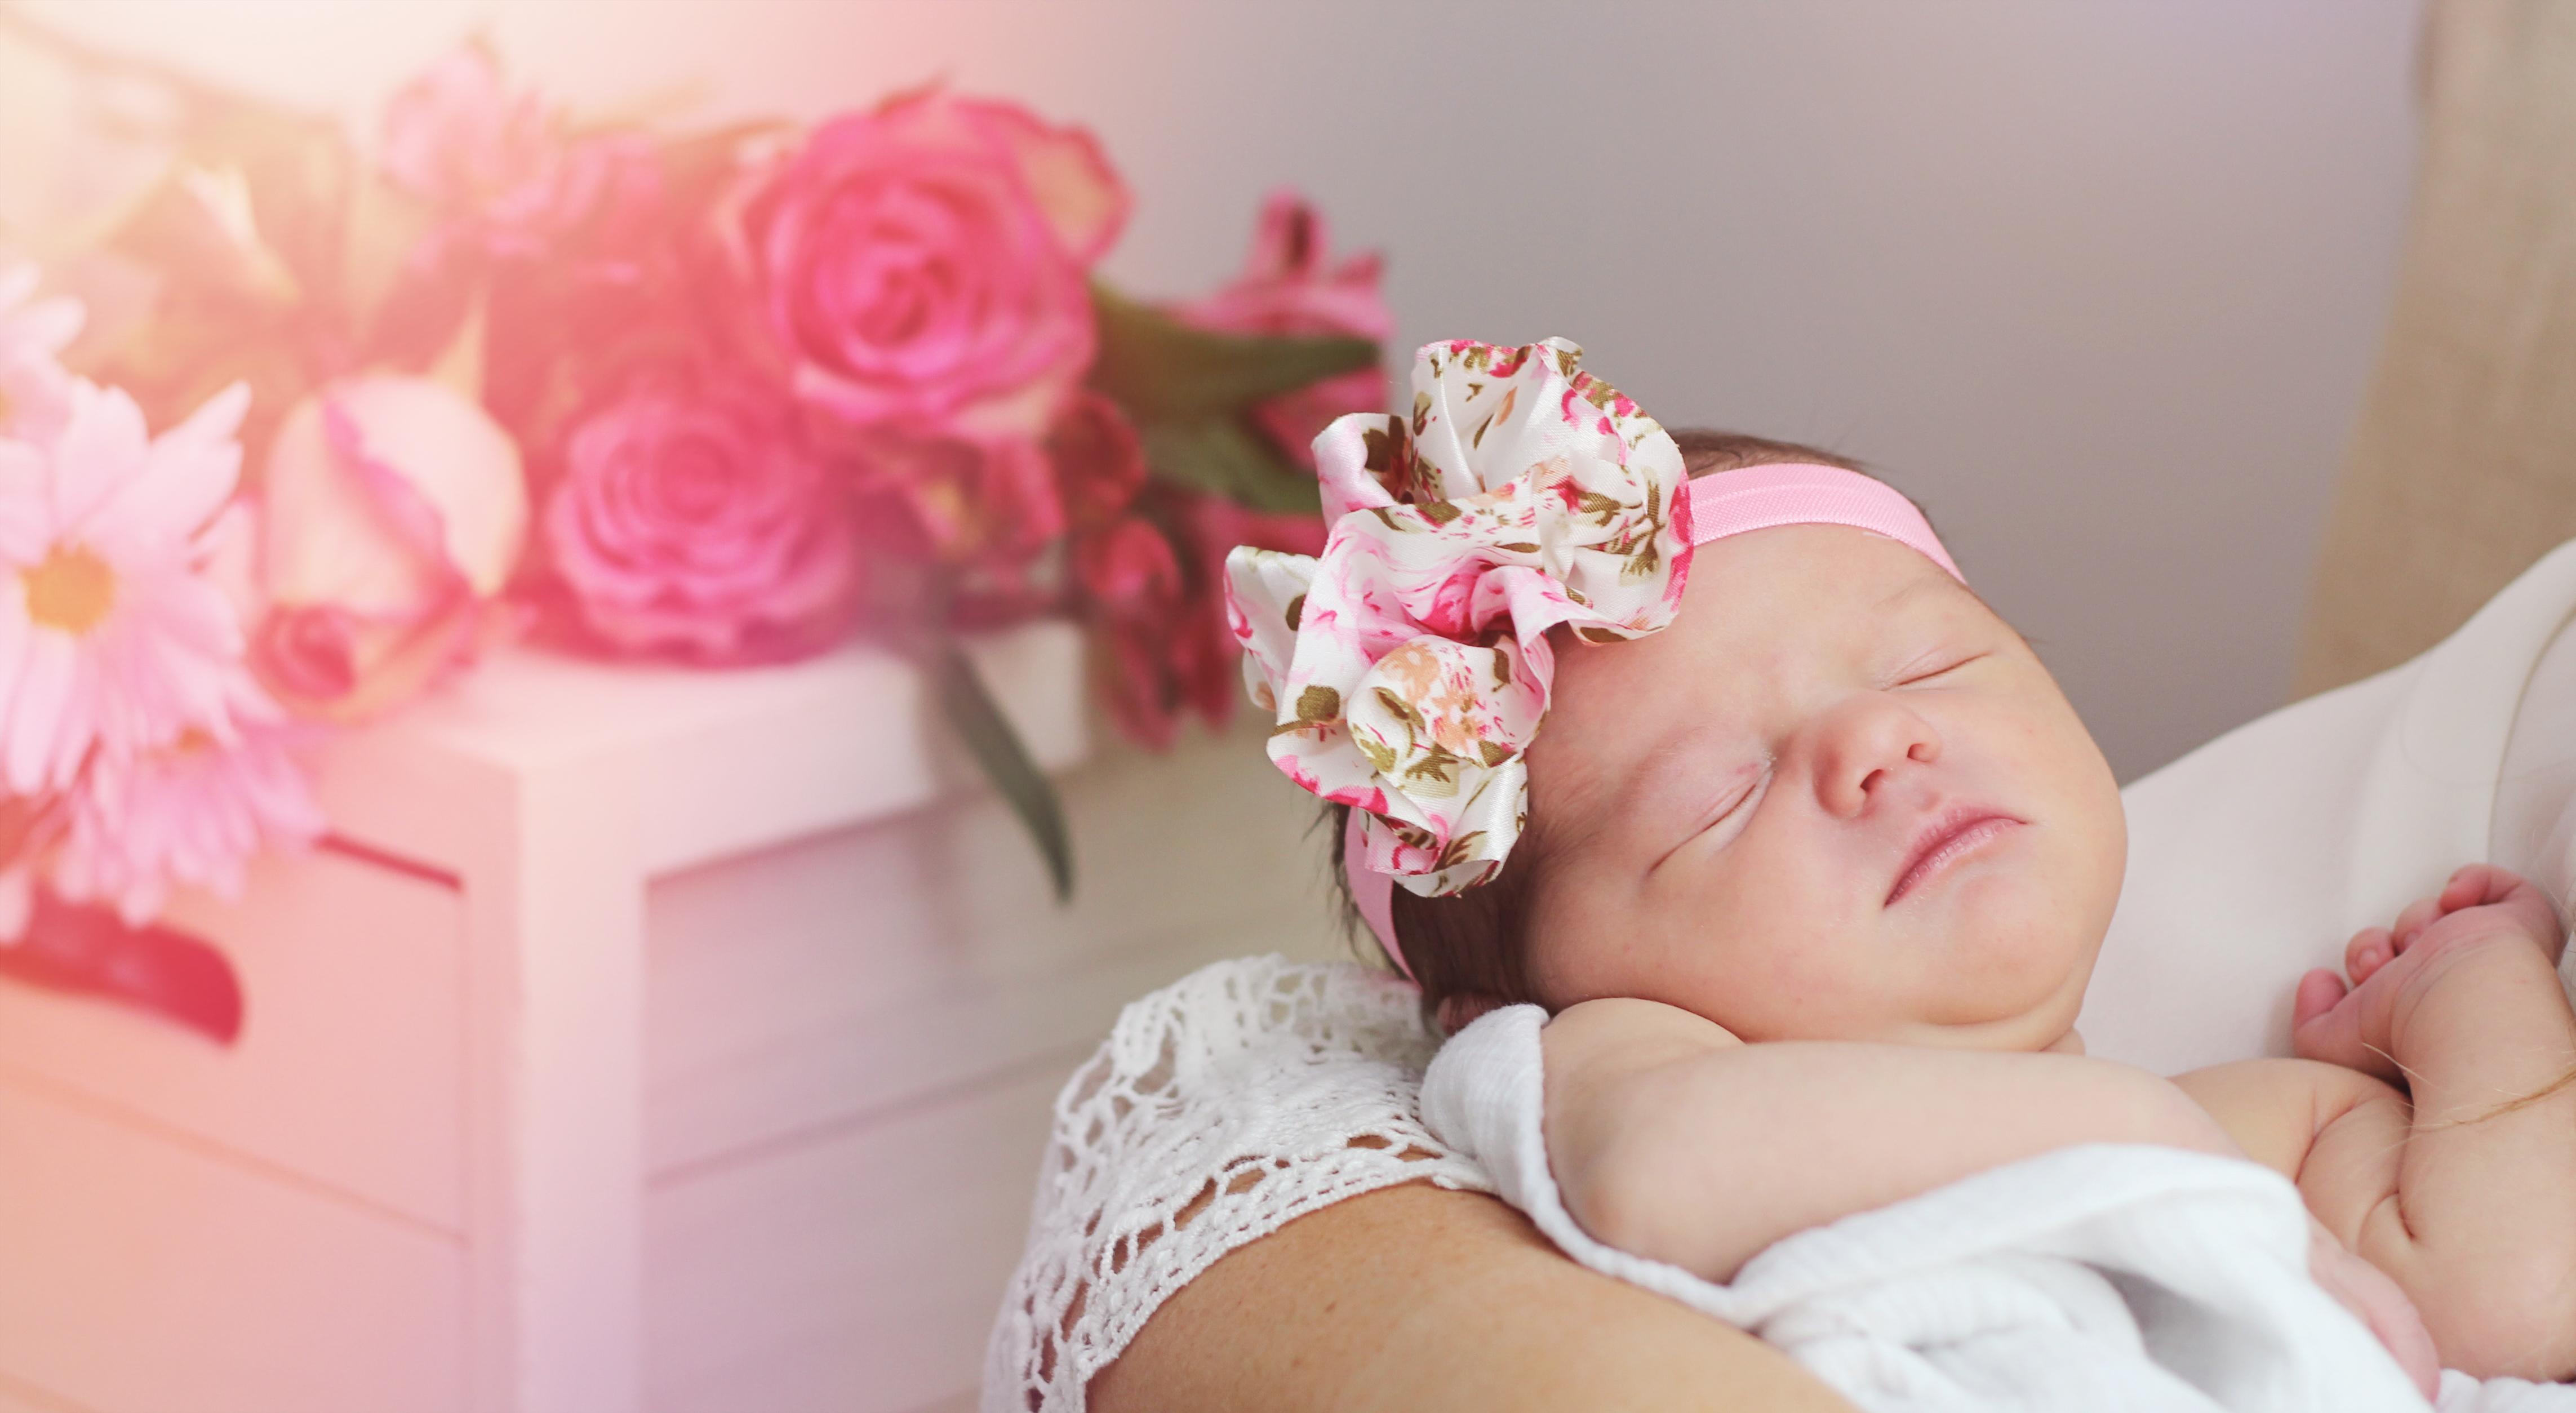 Newborn photograph St. Charles MO